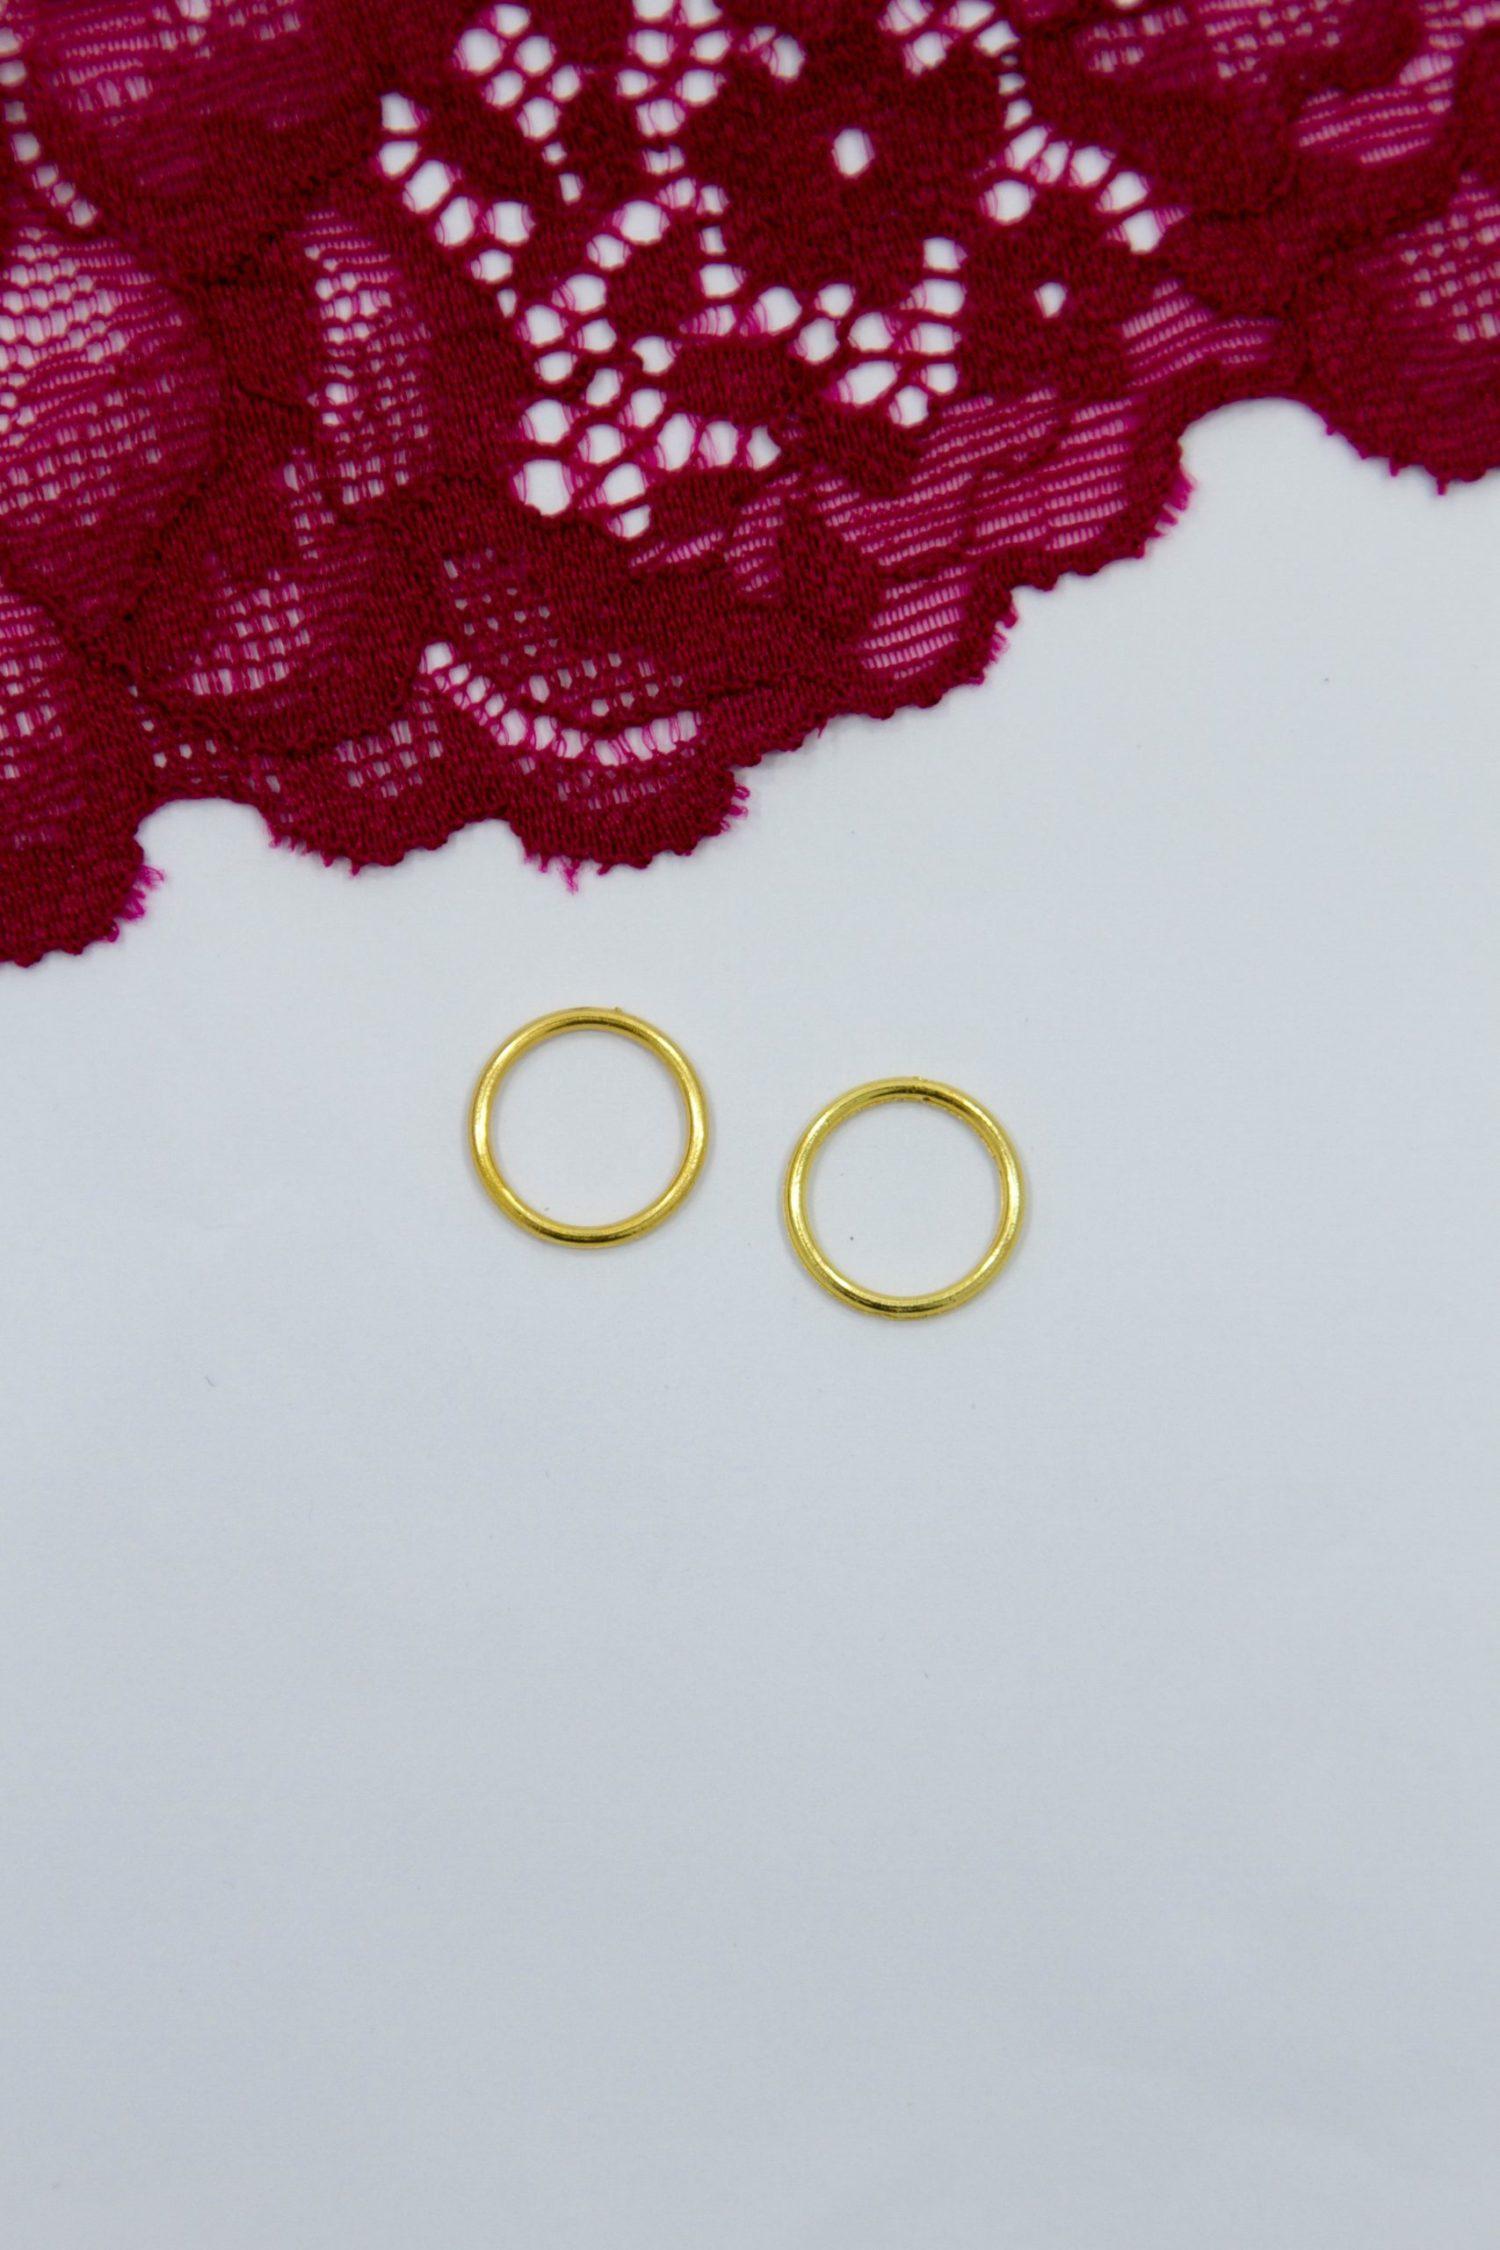 Кольцо металлическое бельевая фурнитура ∅1 см жёлтое золото